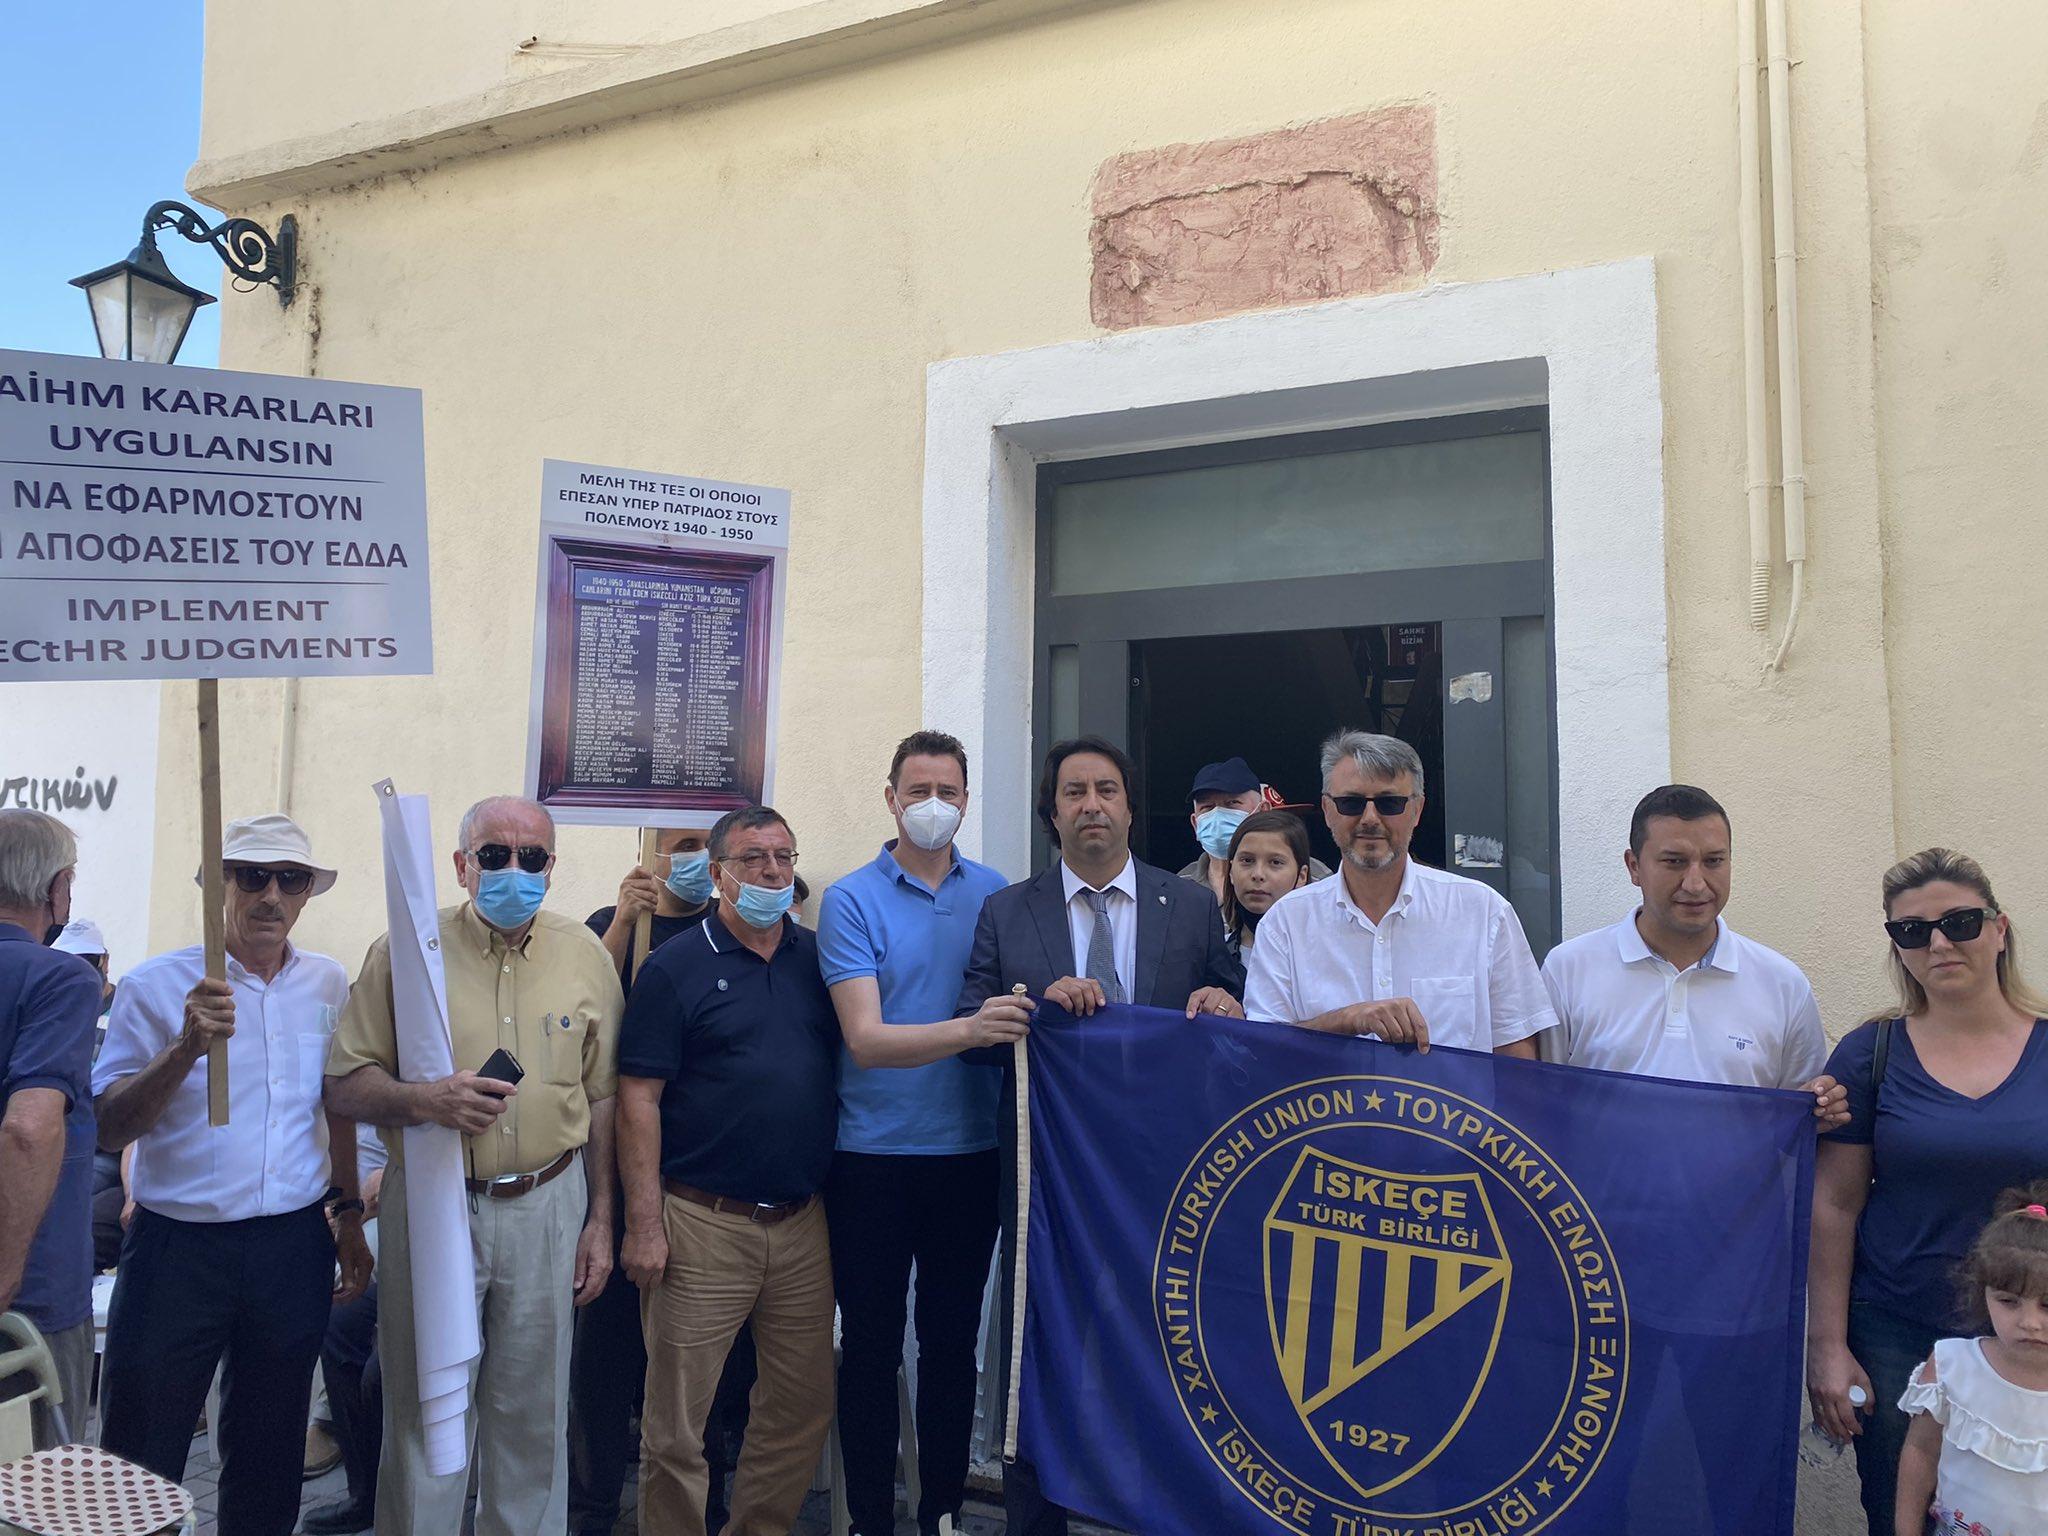 Κινητοποίηση και πορεία για την «Τουρκική» Ένωση Ξάνθης [ΦΩΤΟ]